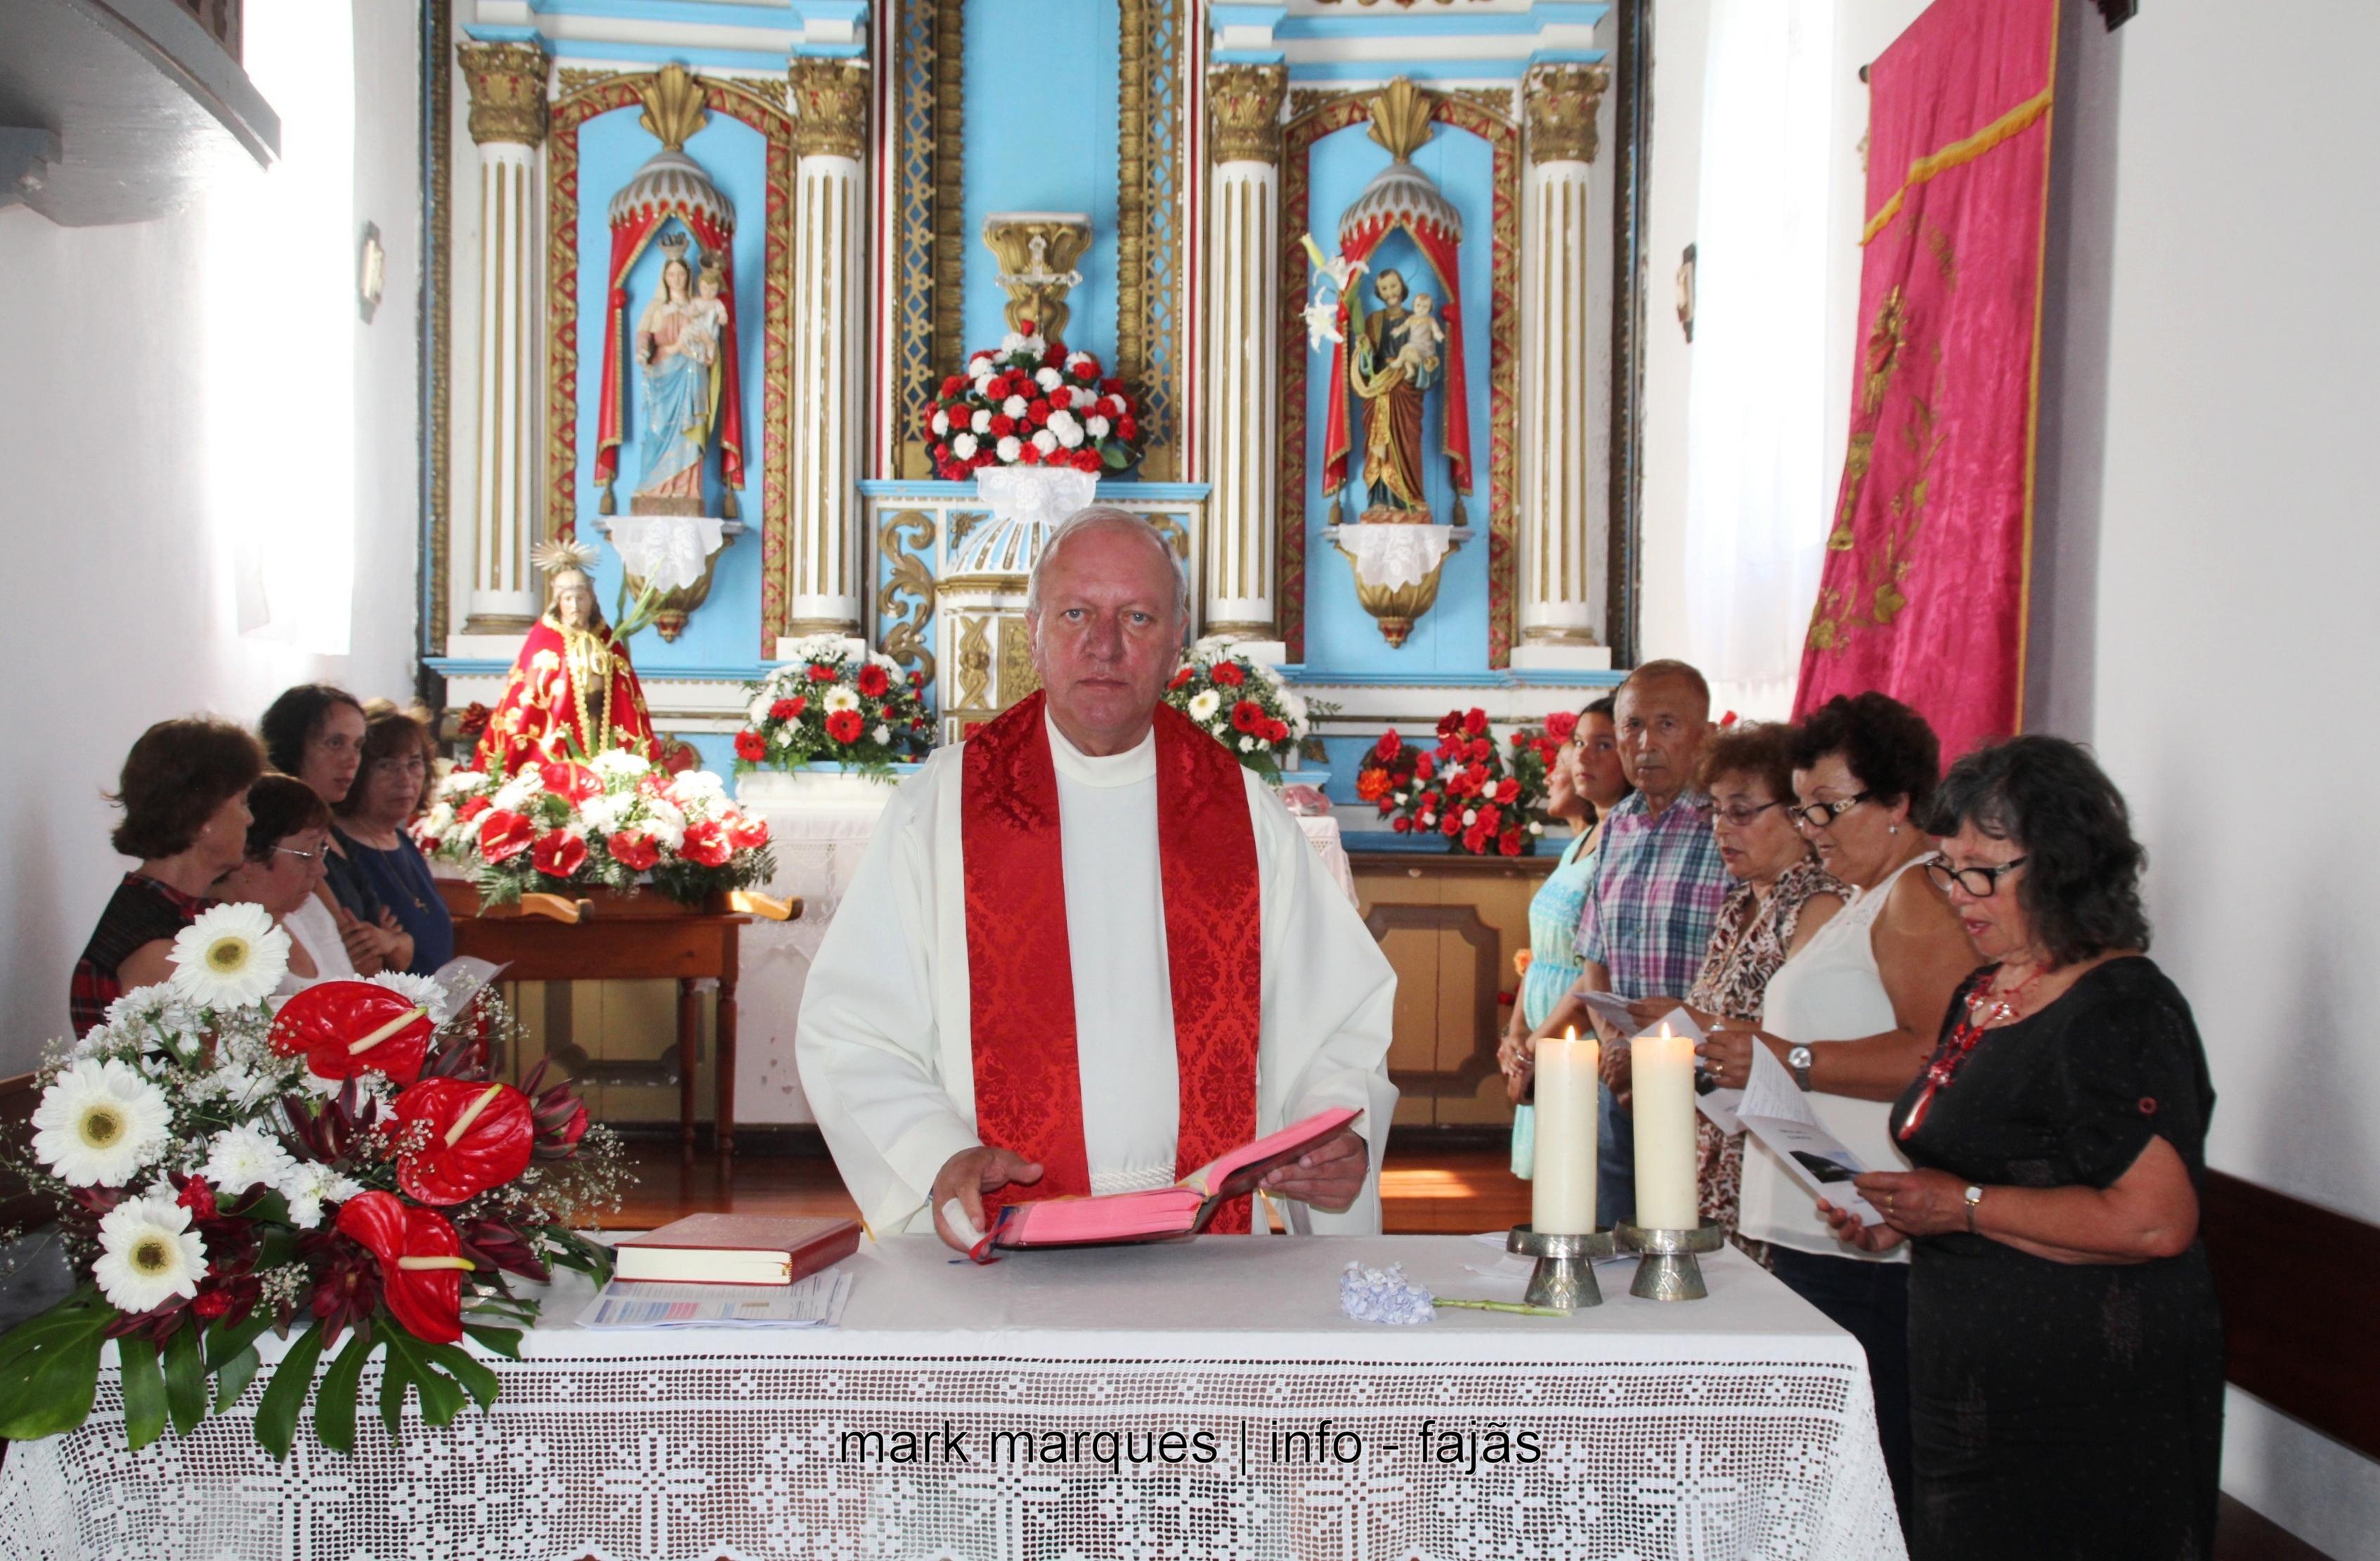 PADRE MANUEL ANTÓNIO SANTOS, HÁ 25 ANOS QUE CELEBRA MISSA SOLENE NA FAJÃ DA CALDEIRA DO SENHOR SANTO CRISTO (c/ vídeo)